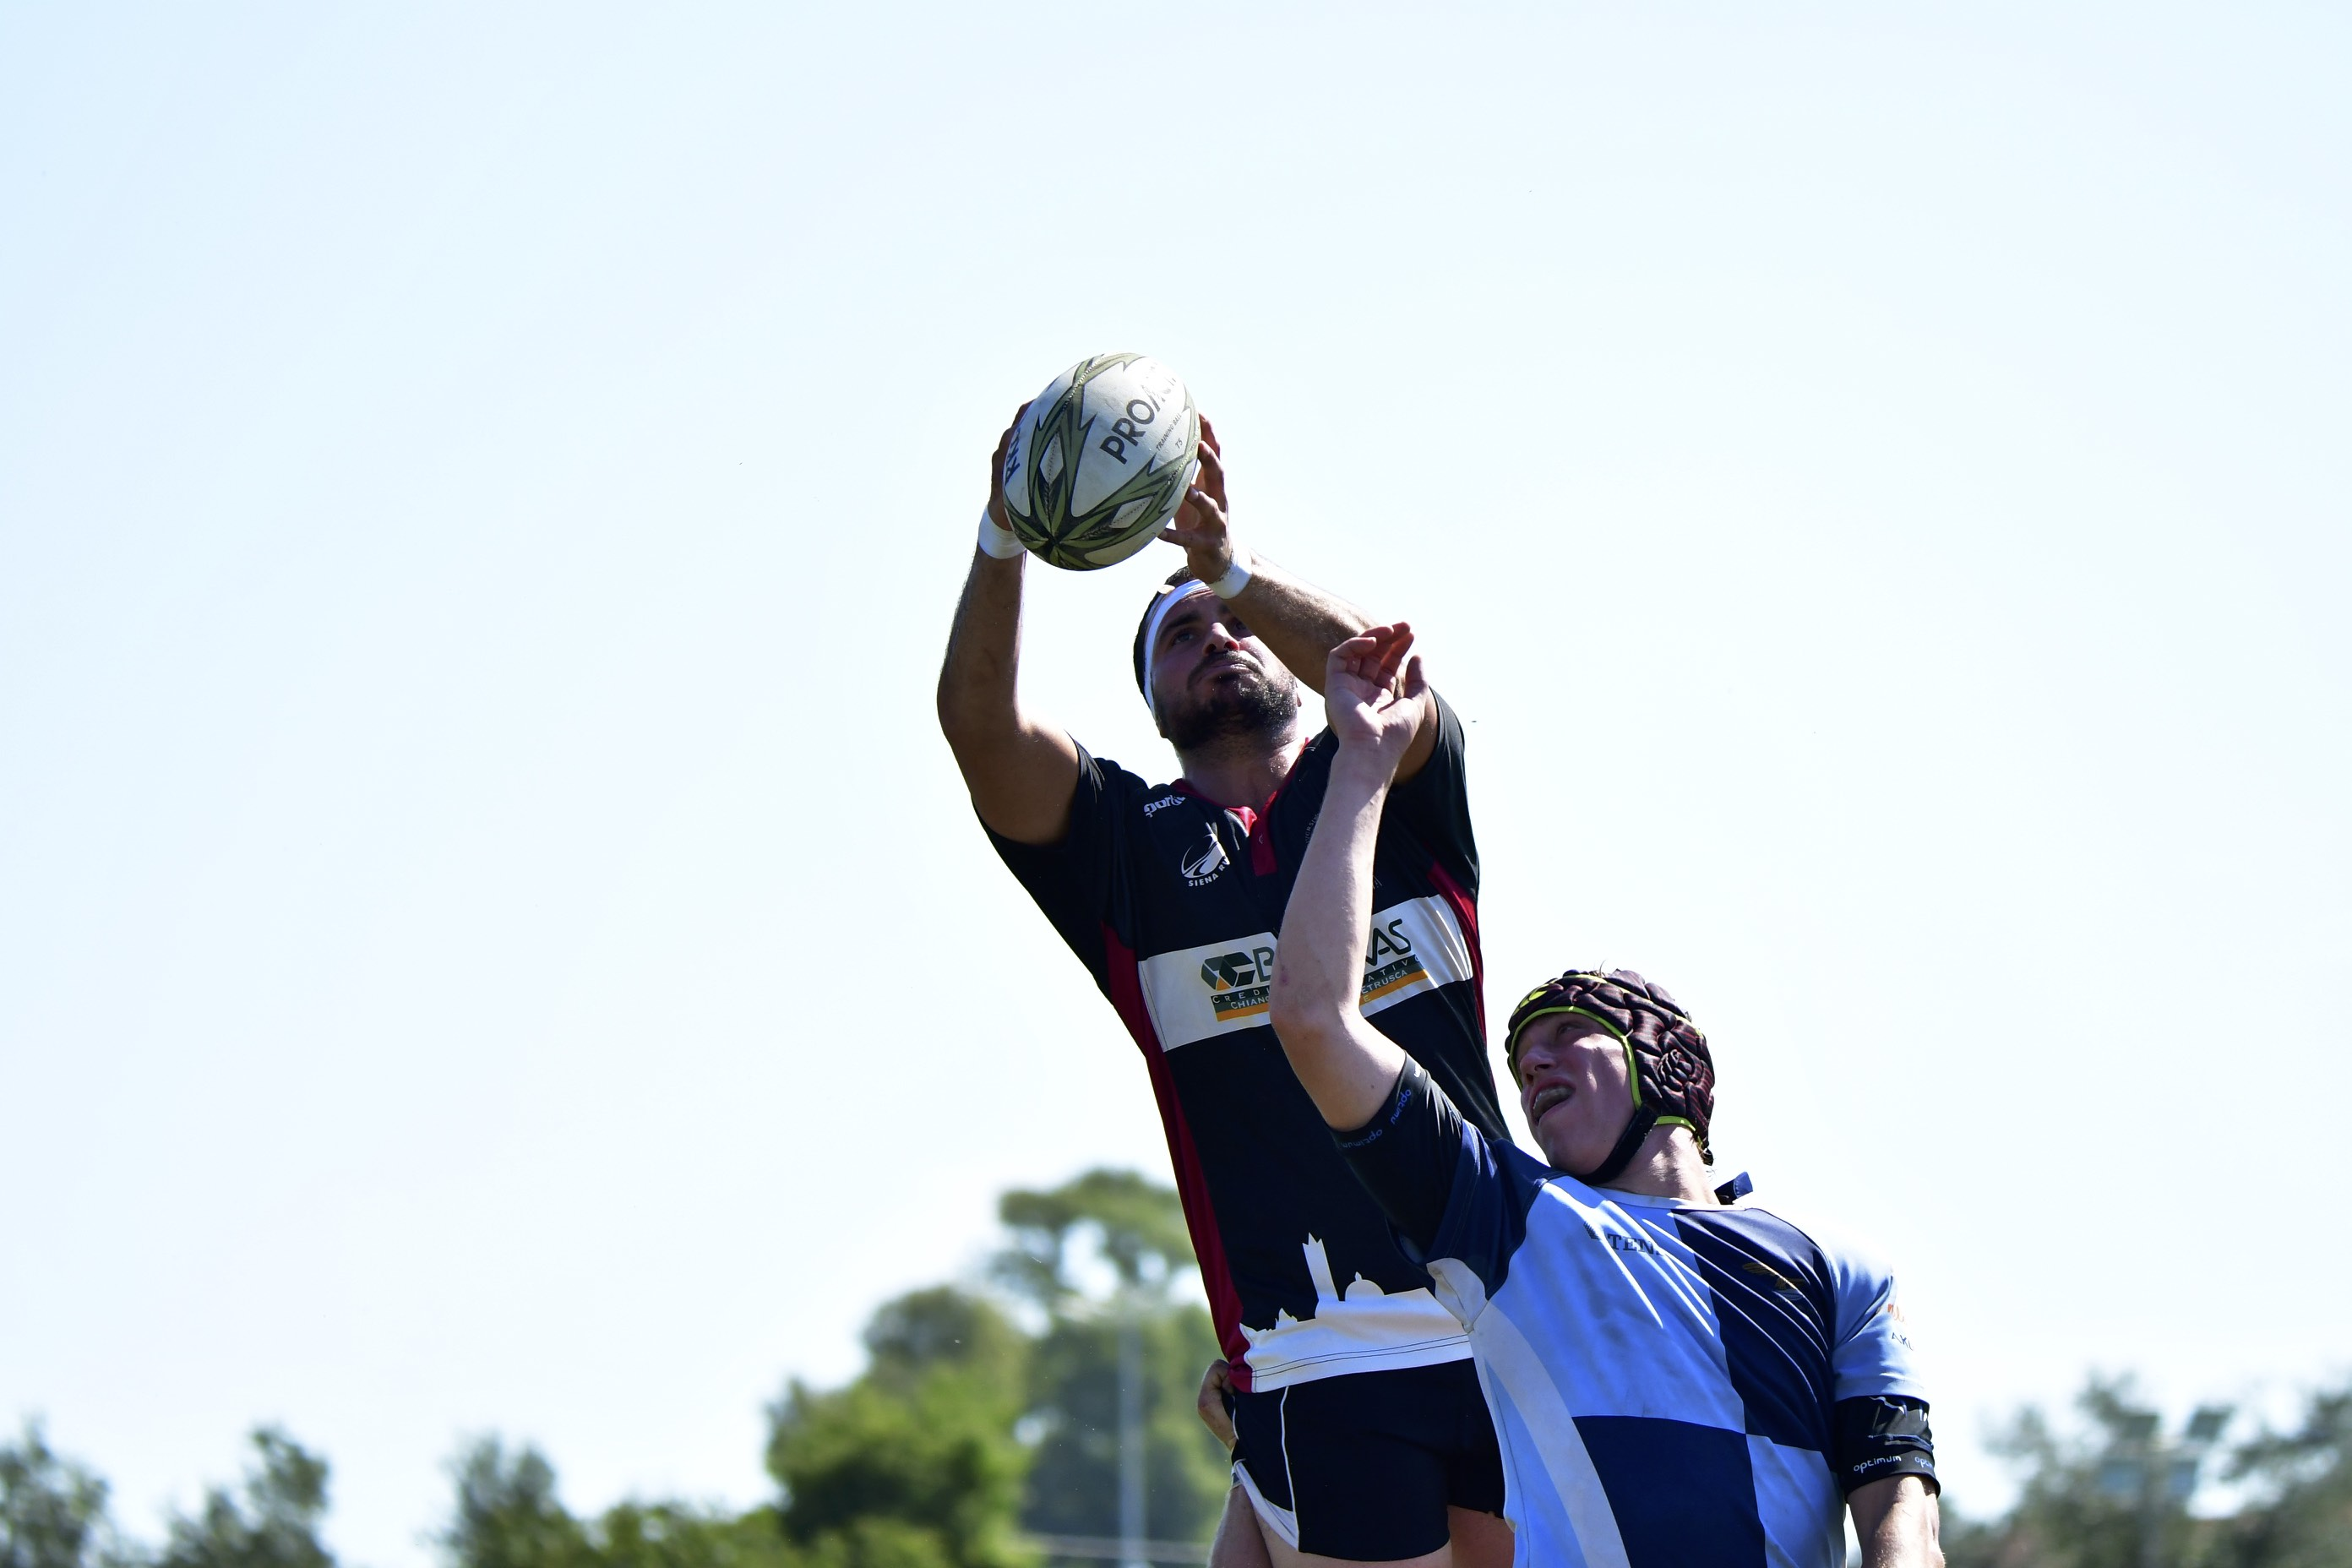 Il Banca CRAS CUS Siena Rugby torna in campo a Roma per un triangolare.